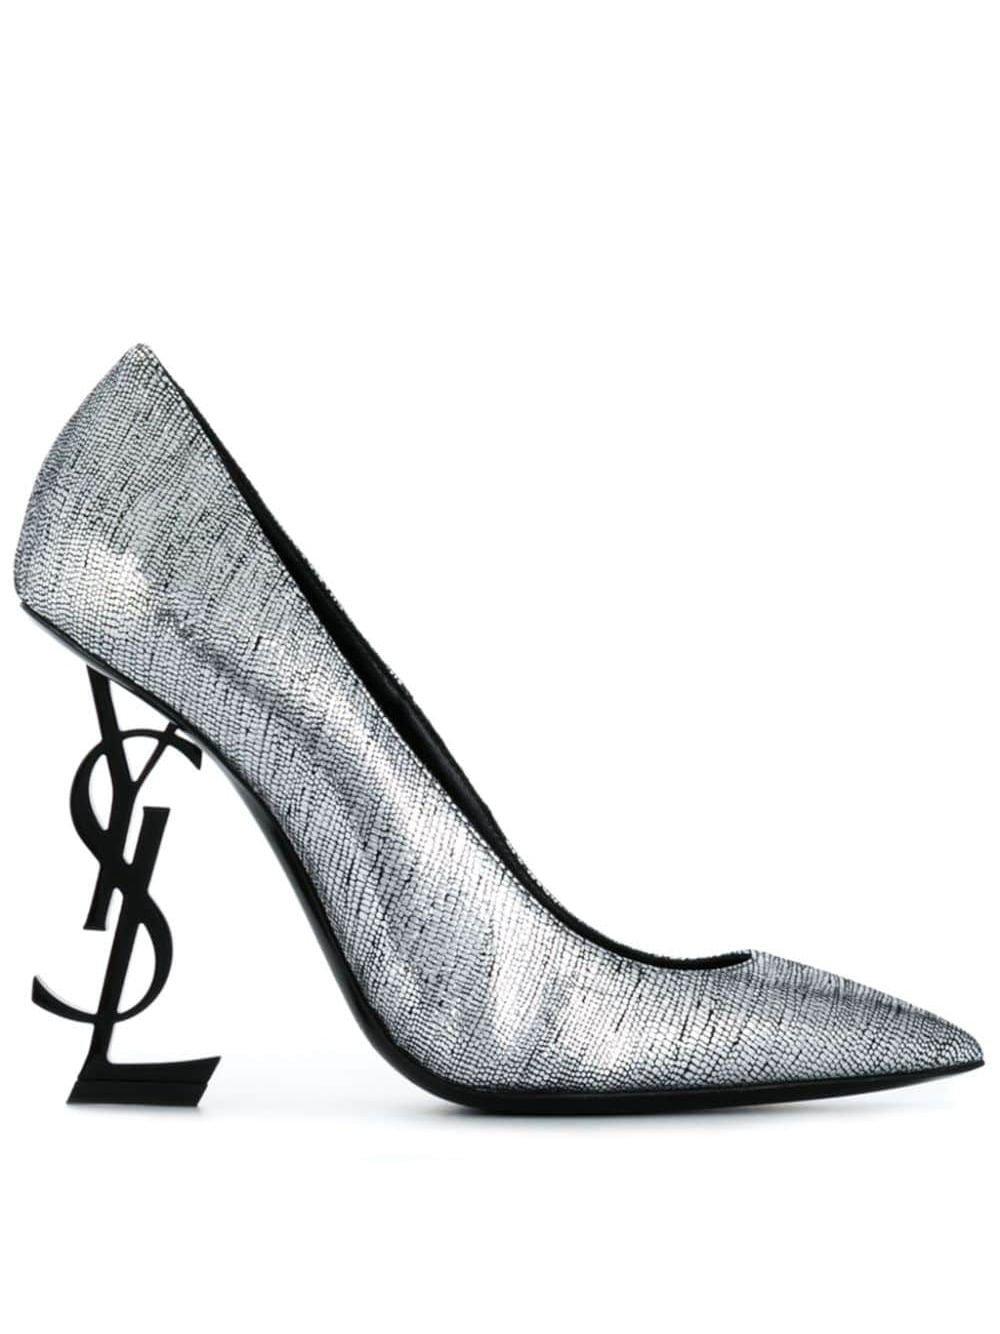 Silver Saint Laurent Opyum Pumps | Farfetch.com